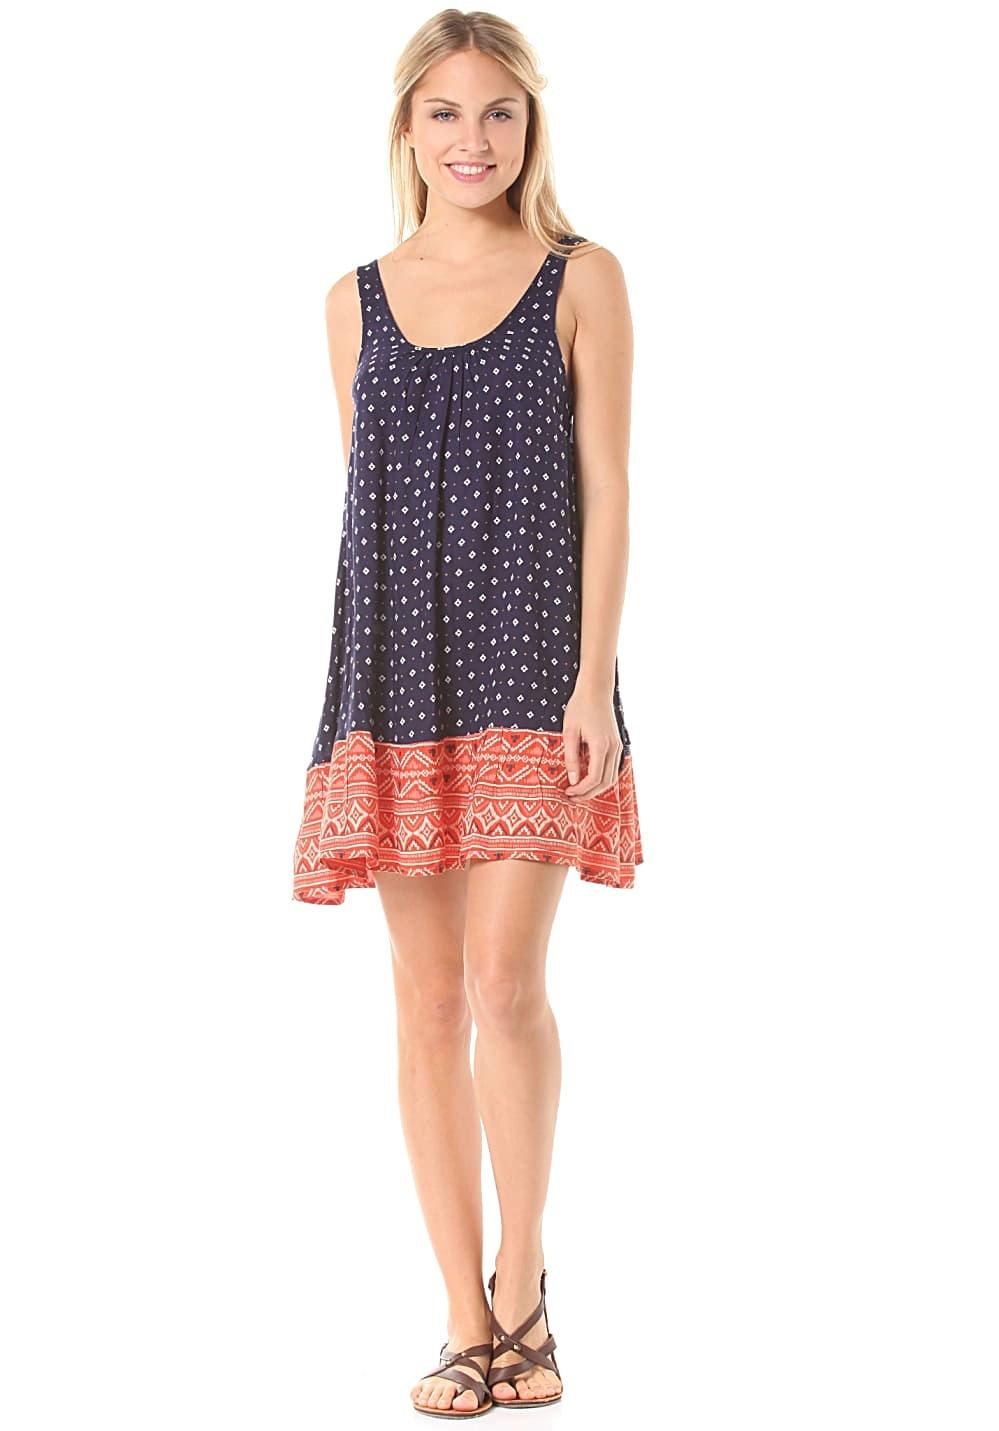 Abend Erstaunlich Sommerkleider Damen Vertrieb17 Kreativ Sommerkleider Damen Design